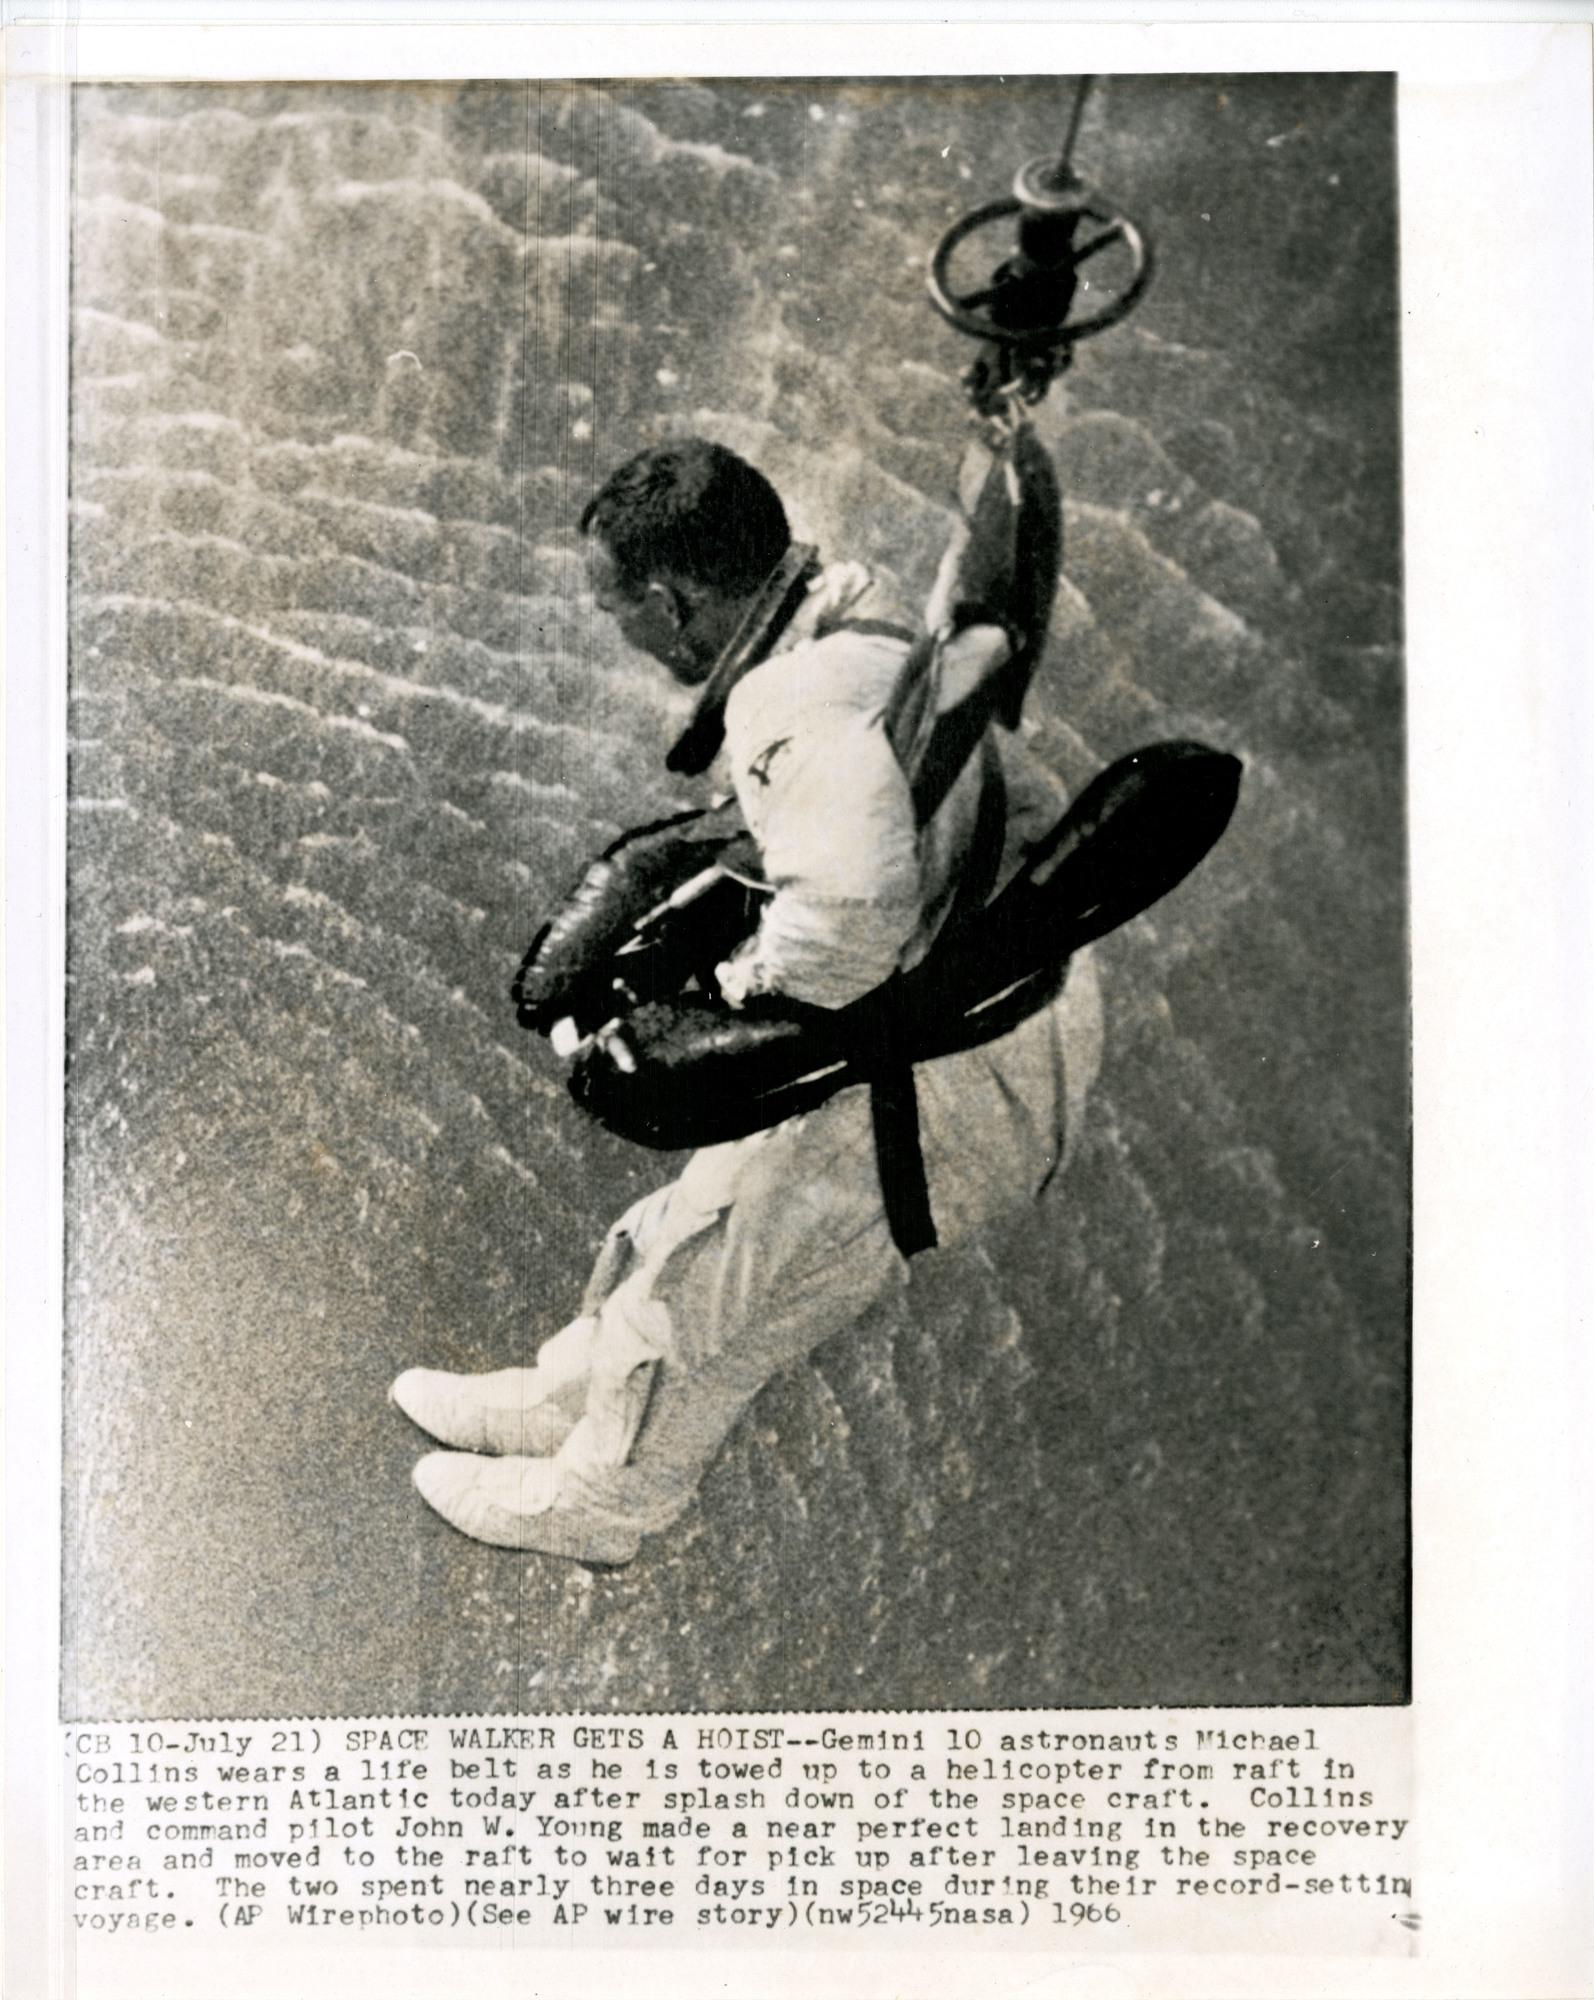 http://spec.lib.vt.edu/pickup/Omeka_upload/Ms1989-029_B07_F1c_Photo_1966_0721_02.jpg